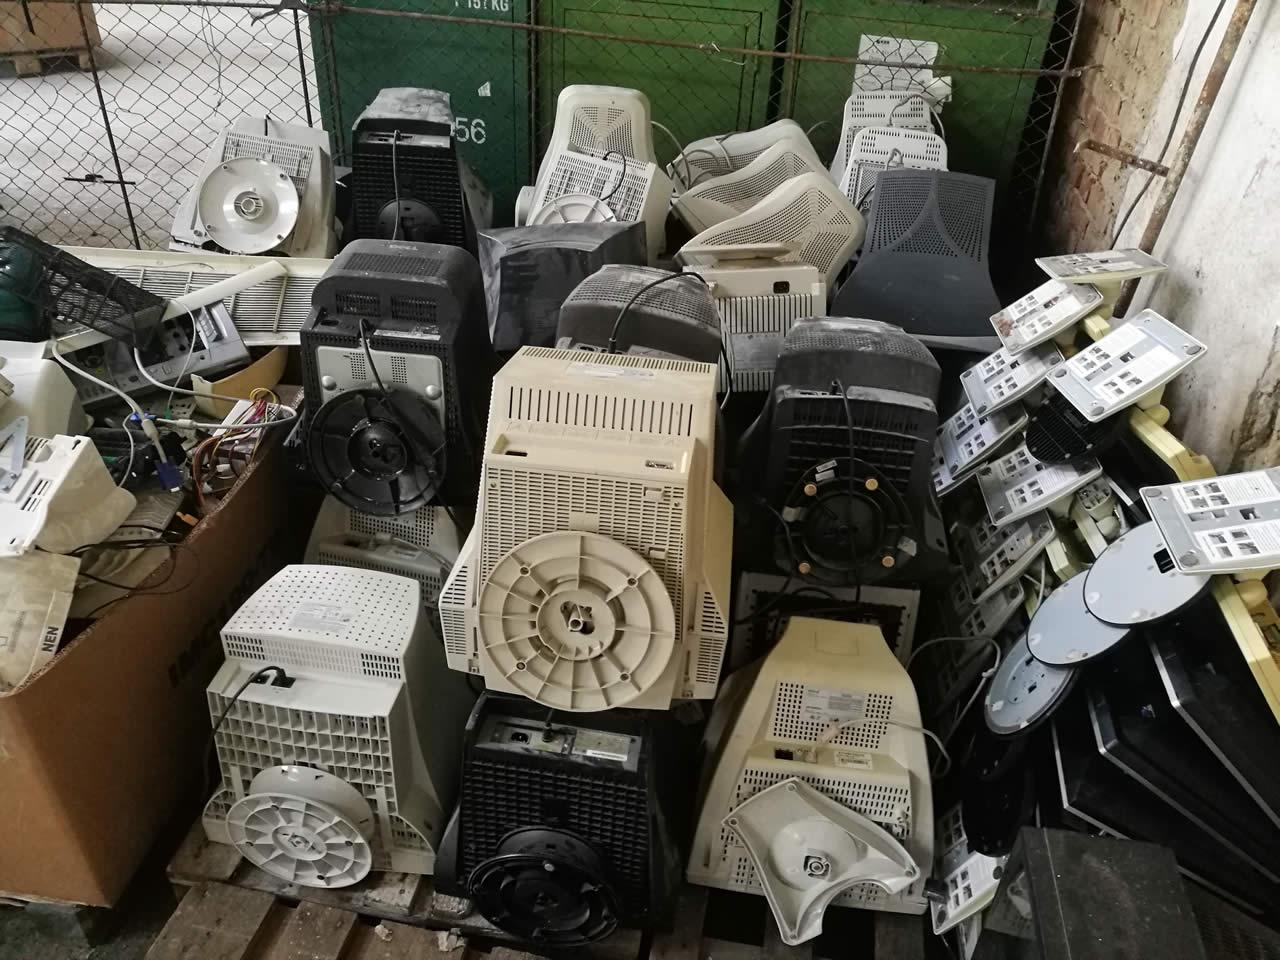 Solutii de reciclare deseuri - Craiova, Targu Jiu, Turceni - colectare - valorificare - protectia mediului (8)